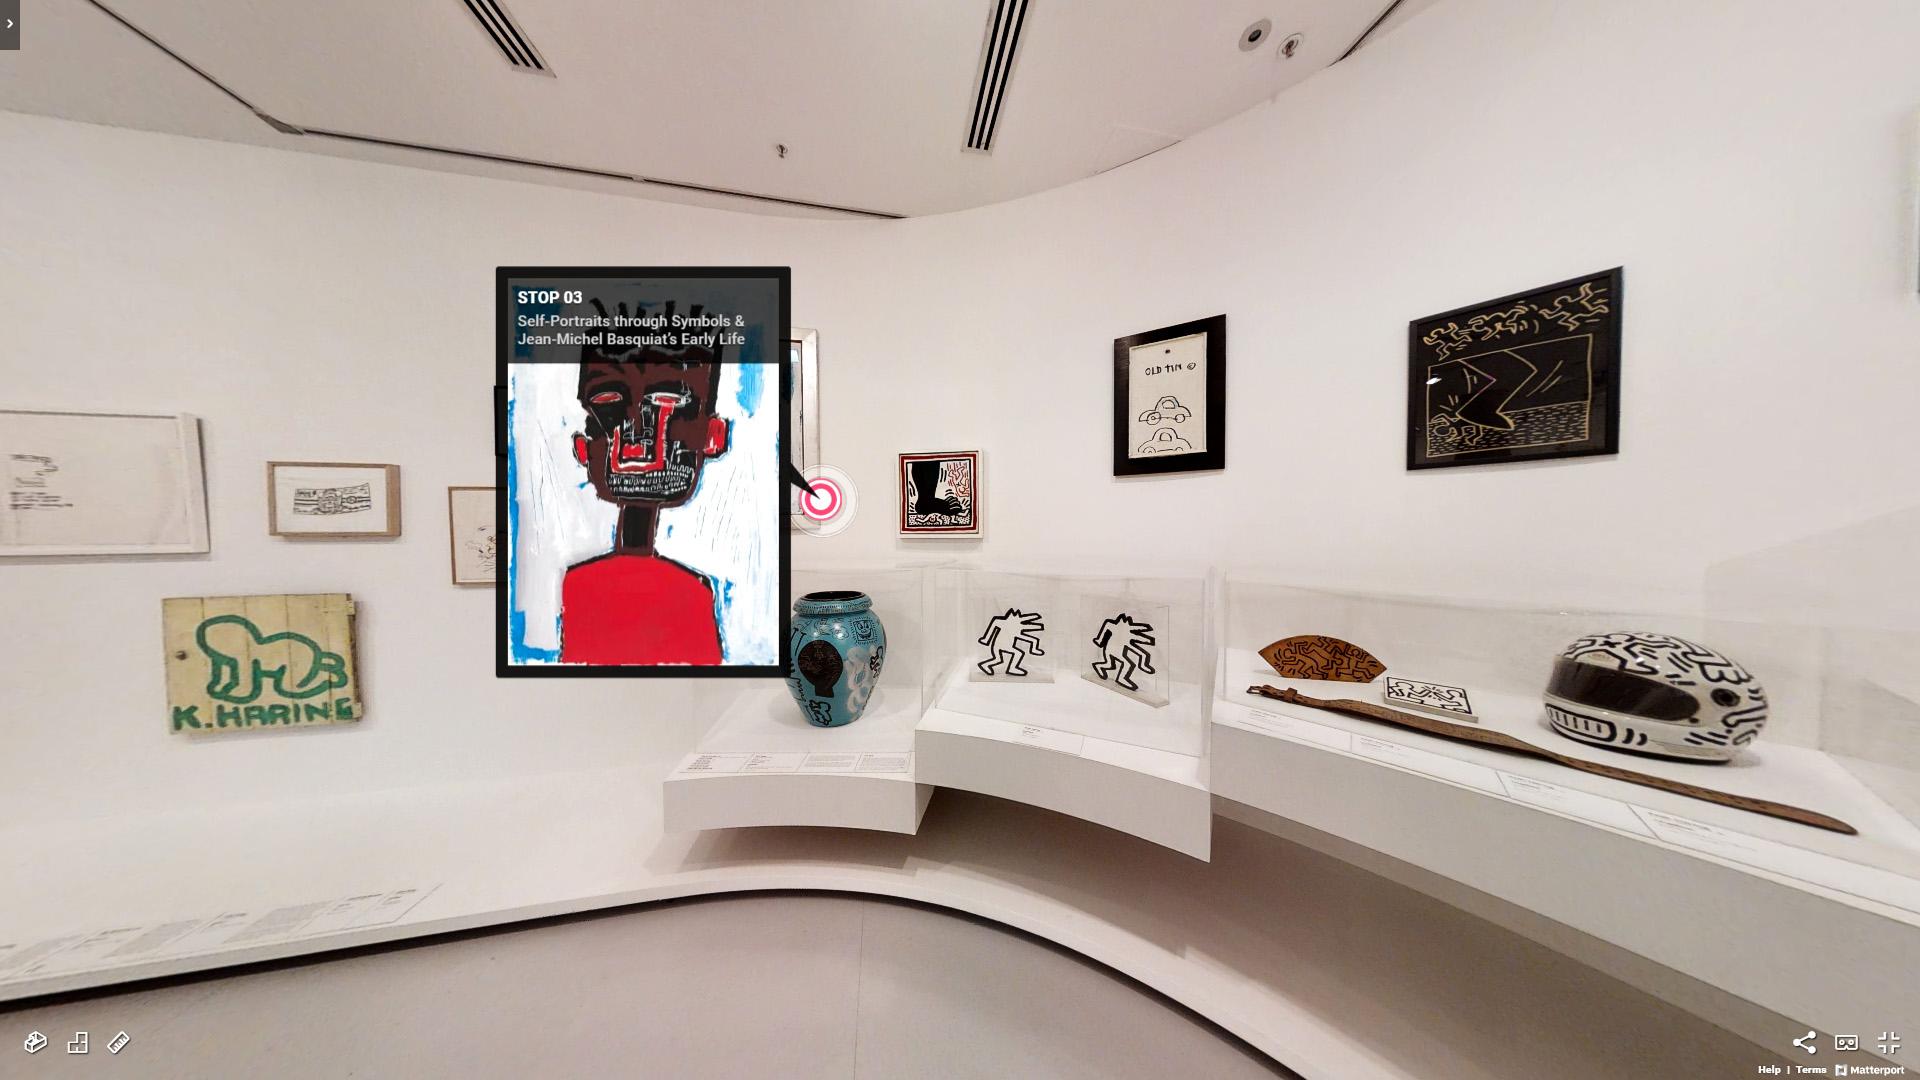 La mostra di Haring e Basquiat da vedere online